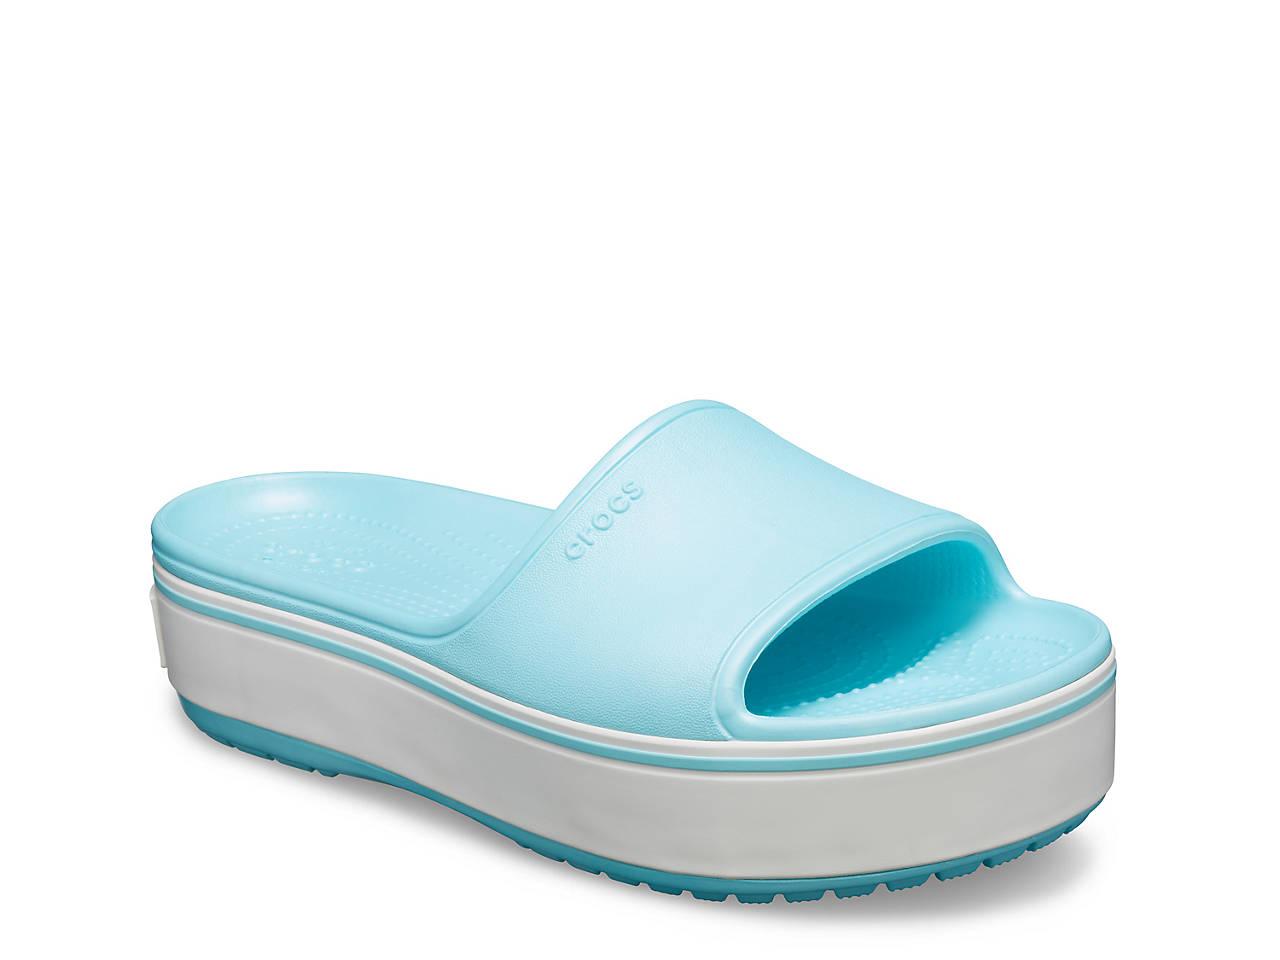 9122ef6af38 Crocs Crocband Platform Sandal Women s Shoes